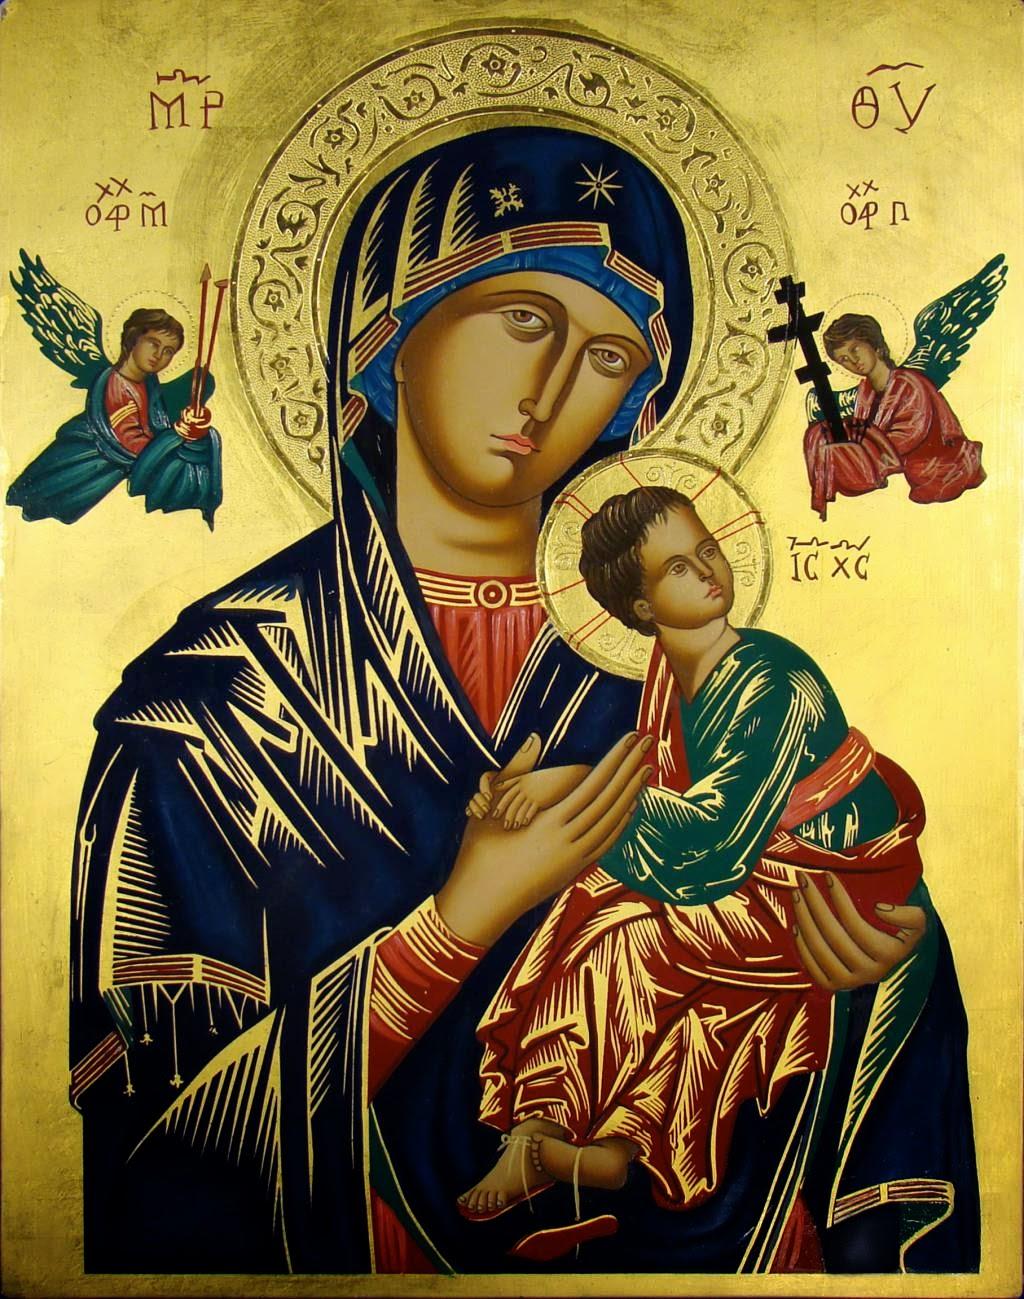 Nossa Senhora do Perpétuo Socorro, rogai por nós!